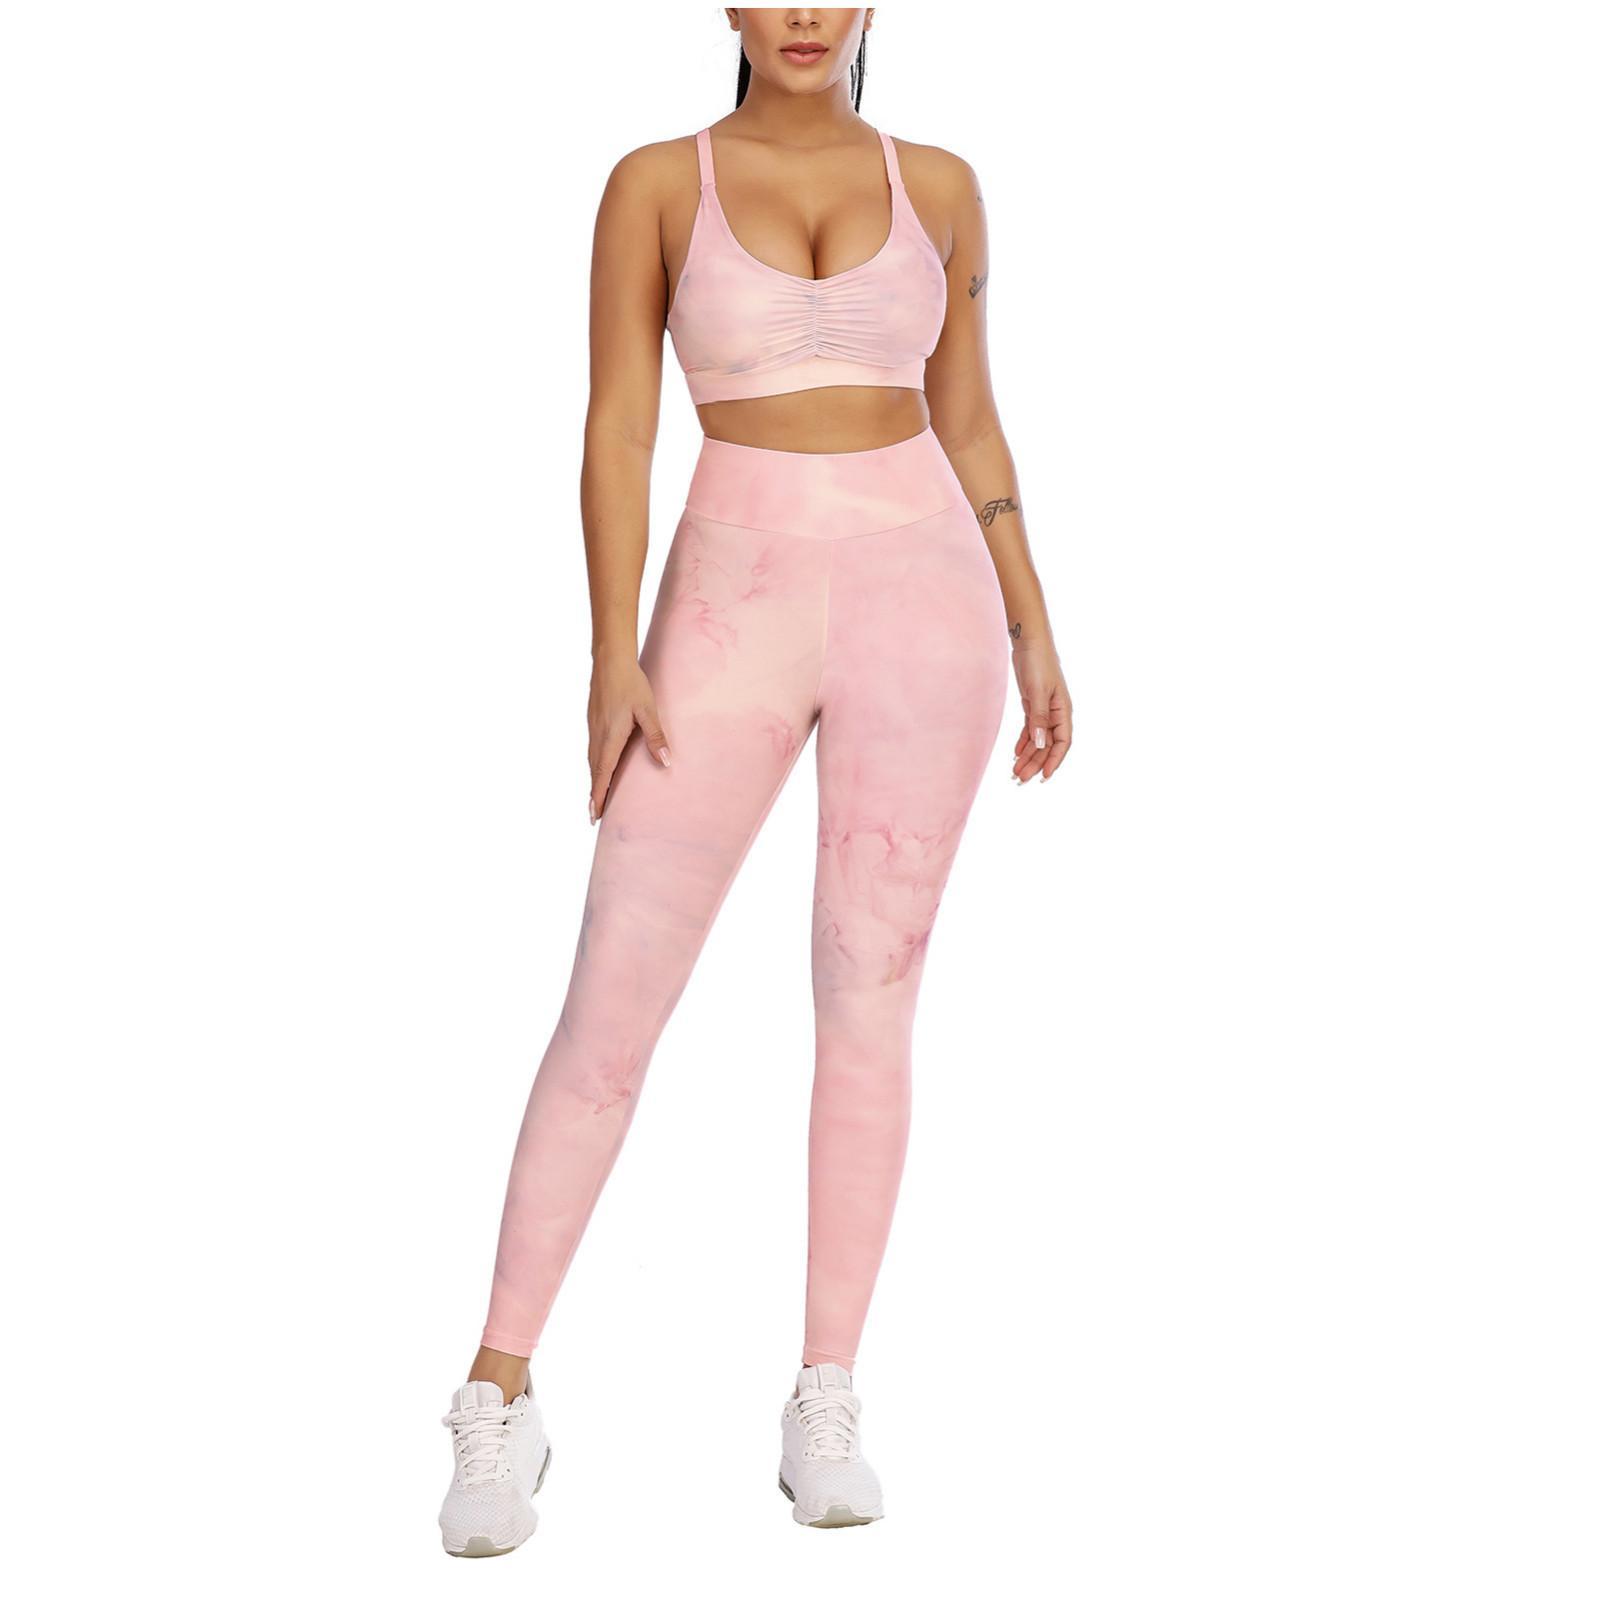 Yoga pantolon benzersiz pisti popo tozluk kadın patchwork baskı yüksek bel streç strethcy spor tozluk yoga pantolon seti #z x1227